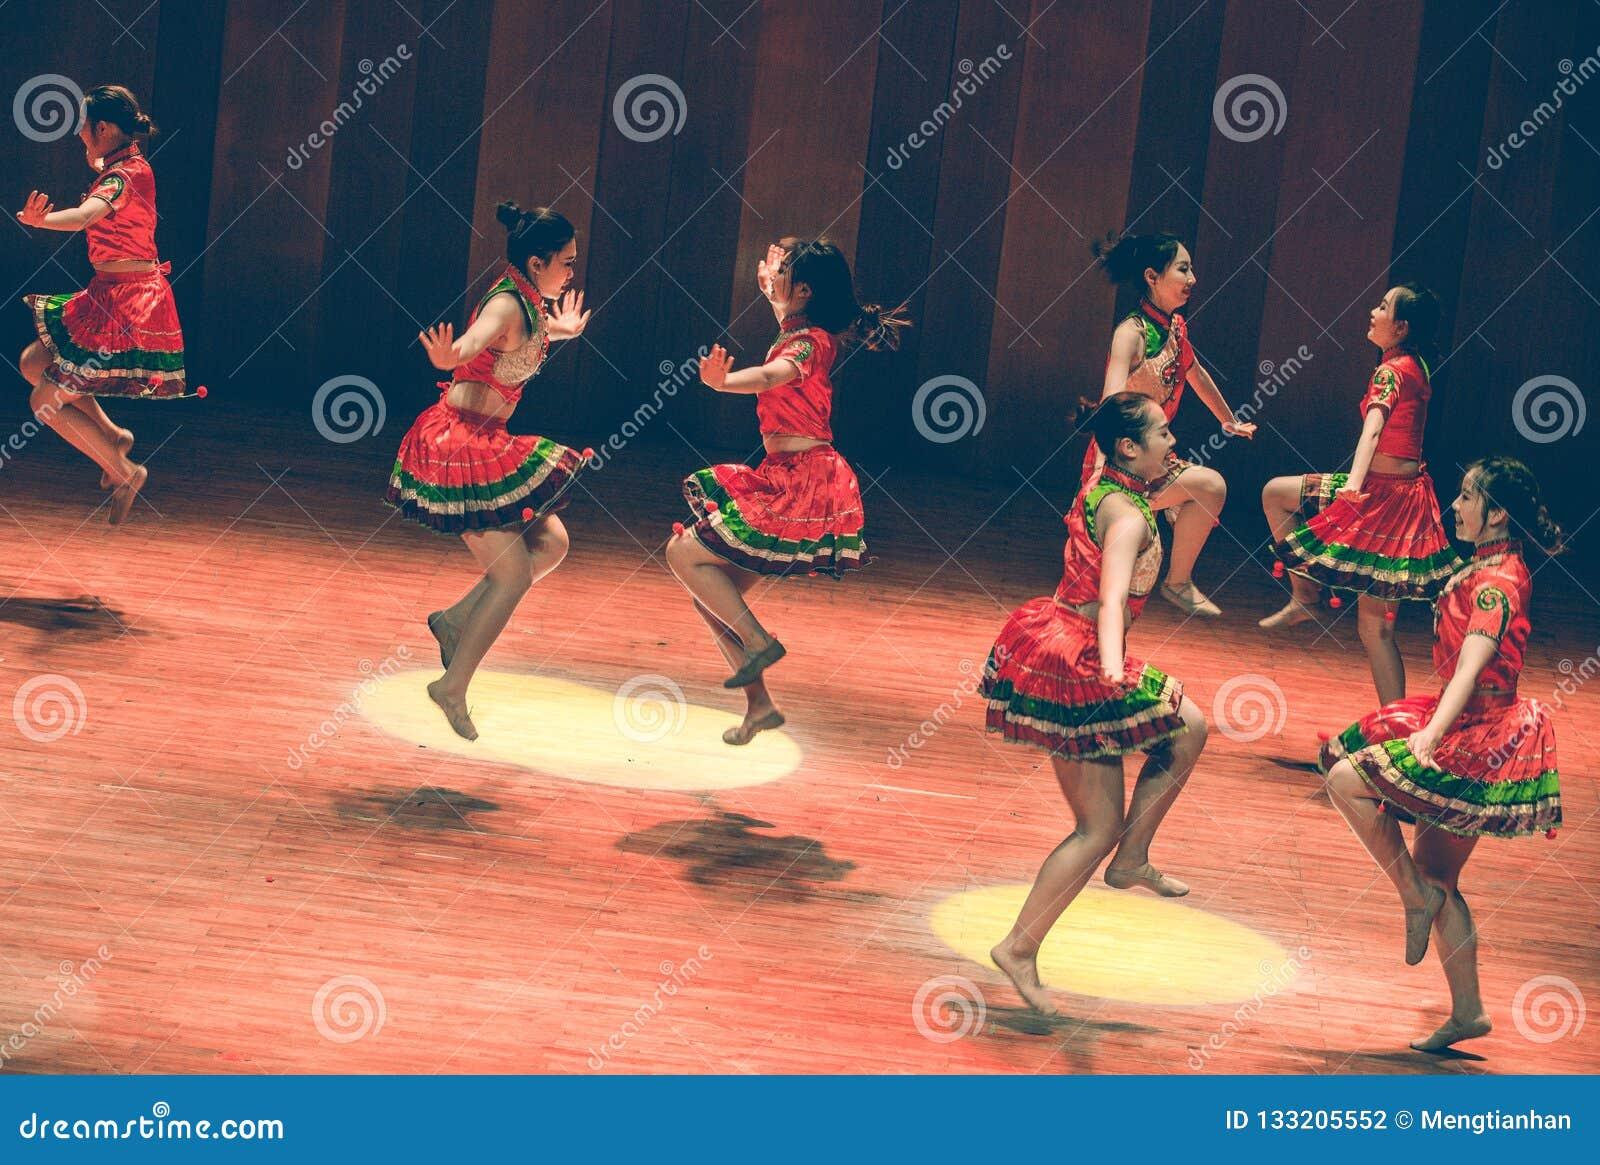 Sprungyi-Volkstanz Tanz-Axi des kurzen Rockes